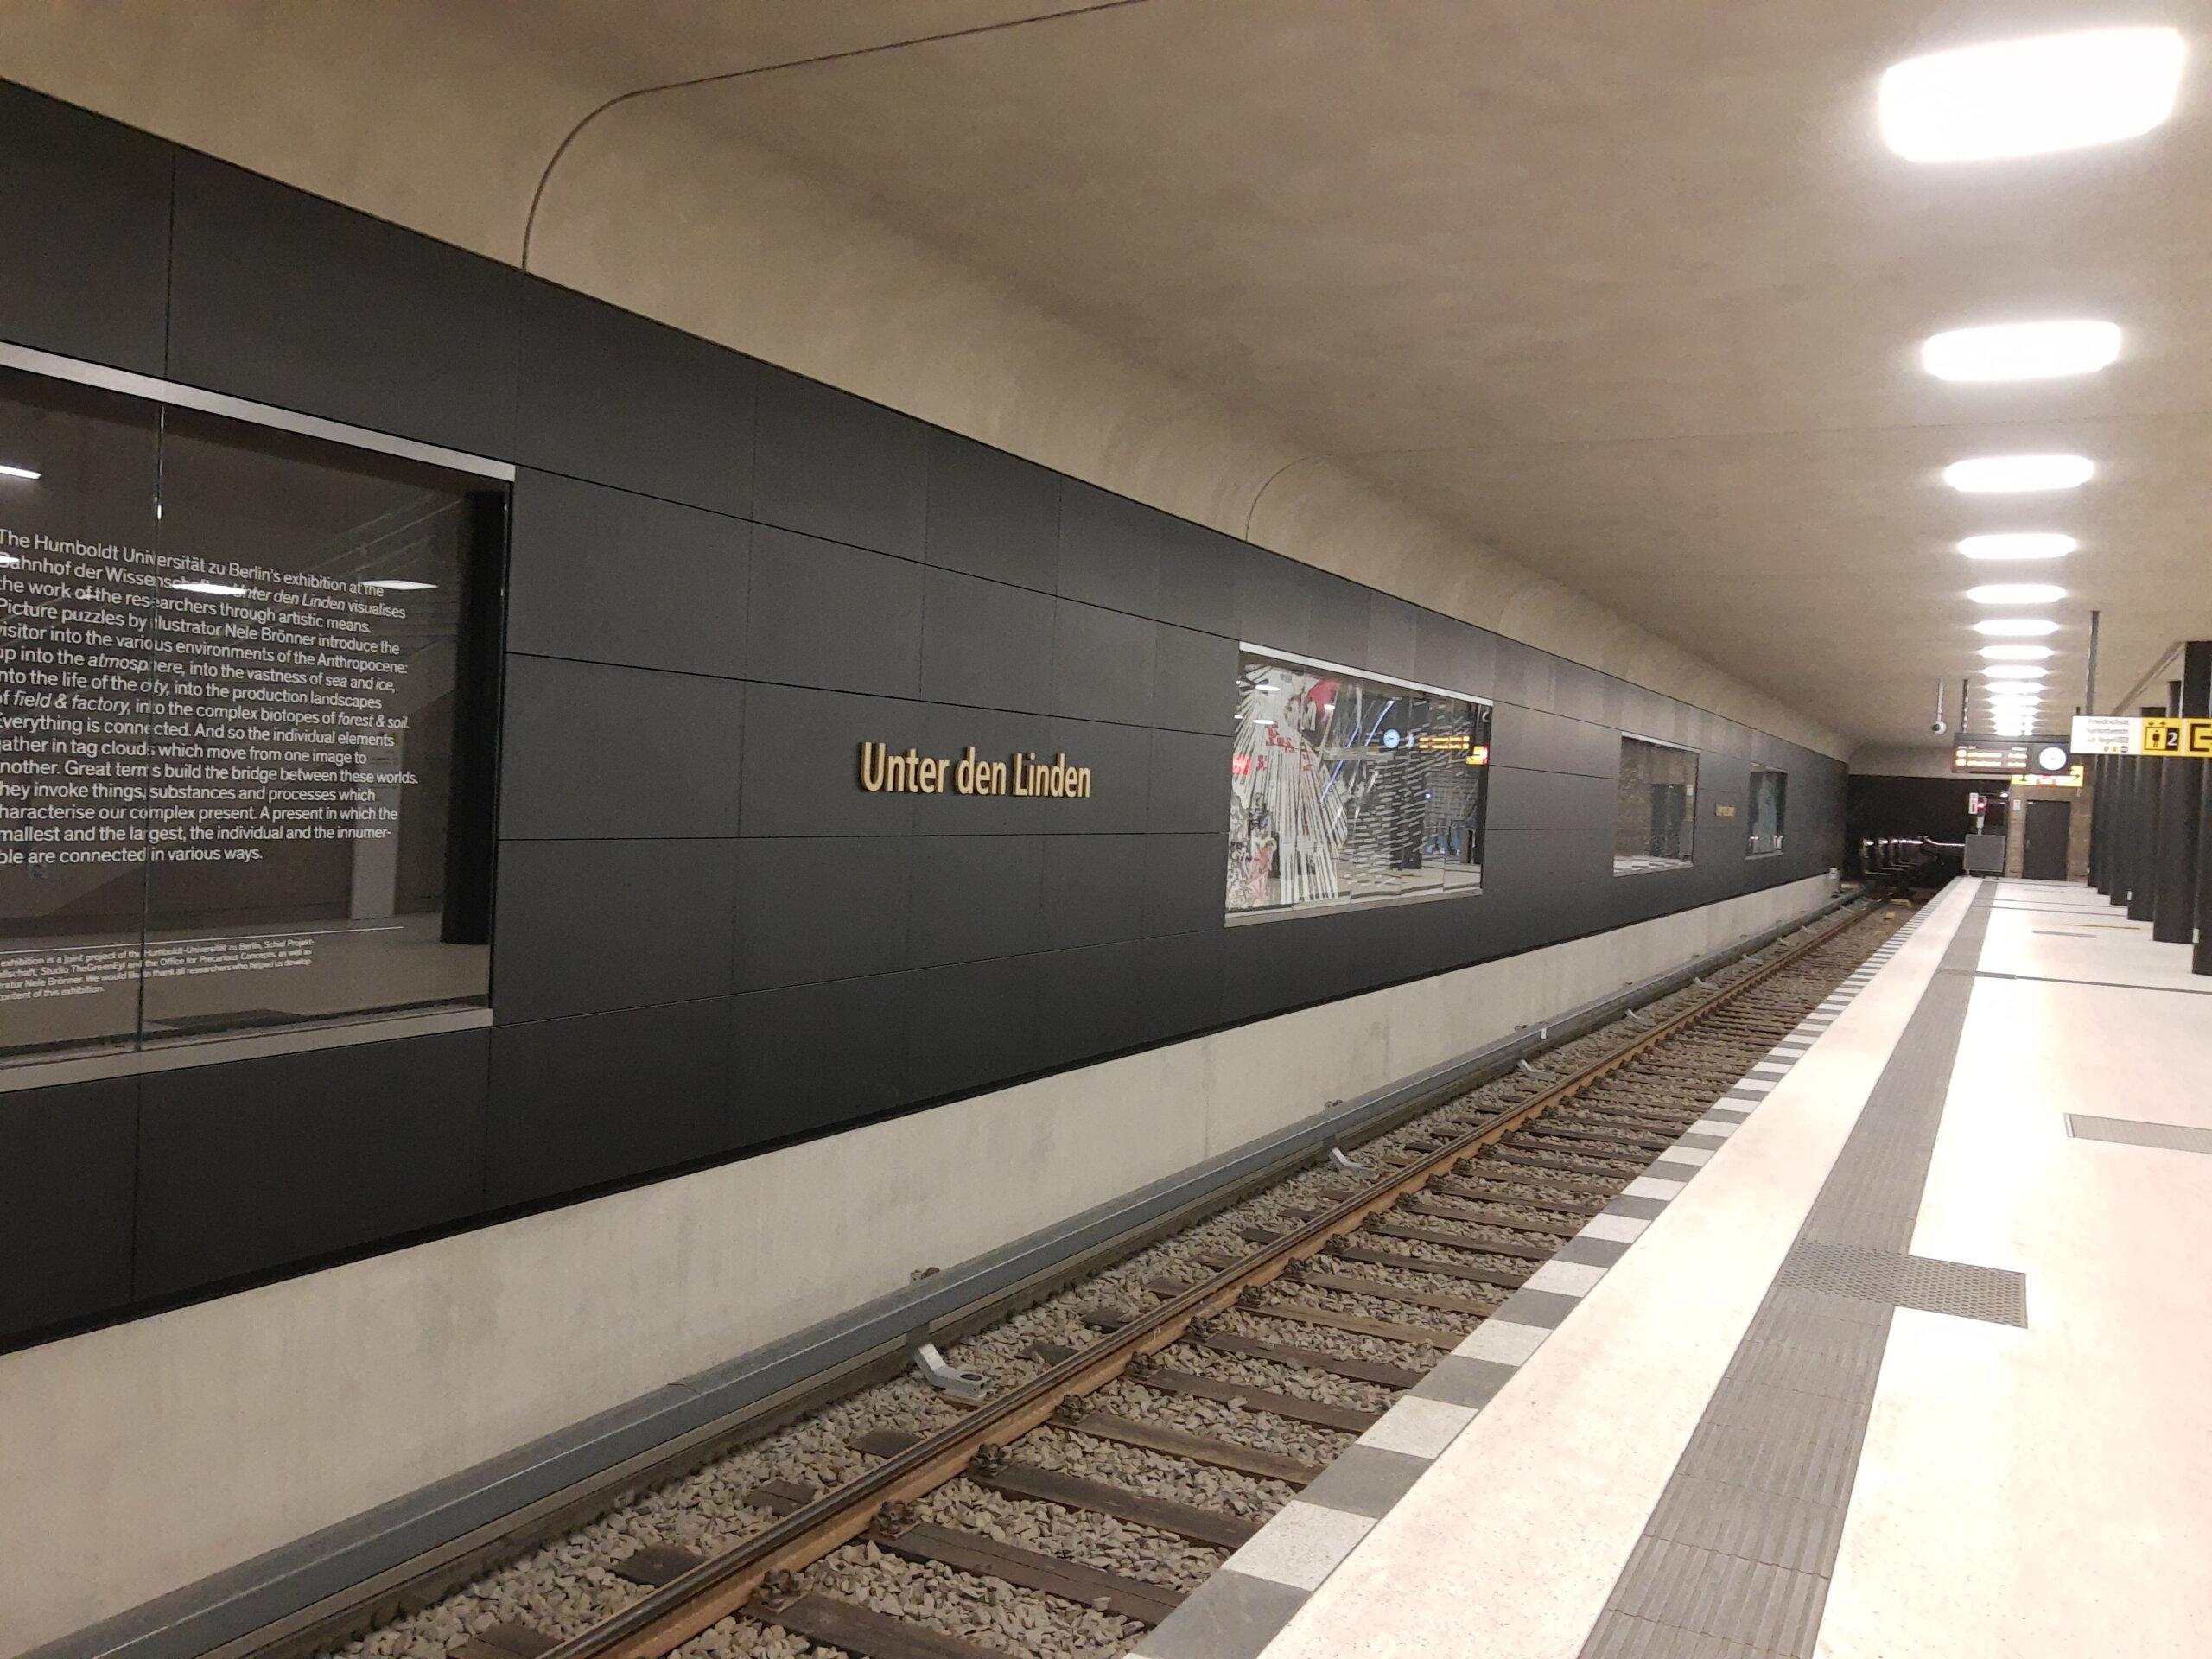 Unter den Linden Erläuterungstafeln für die Fahrgäste